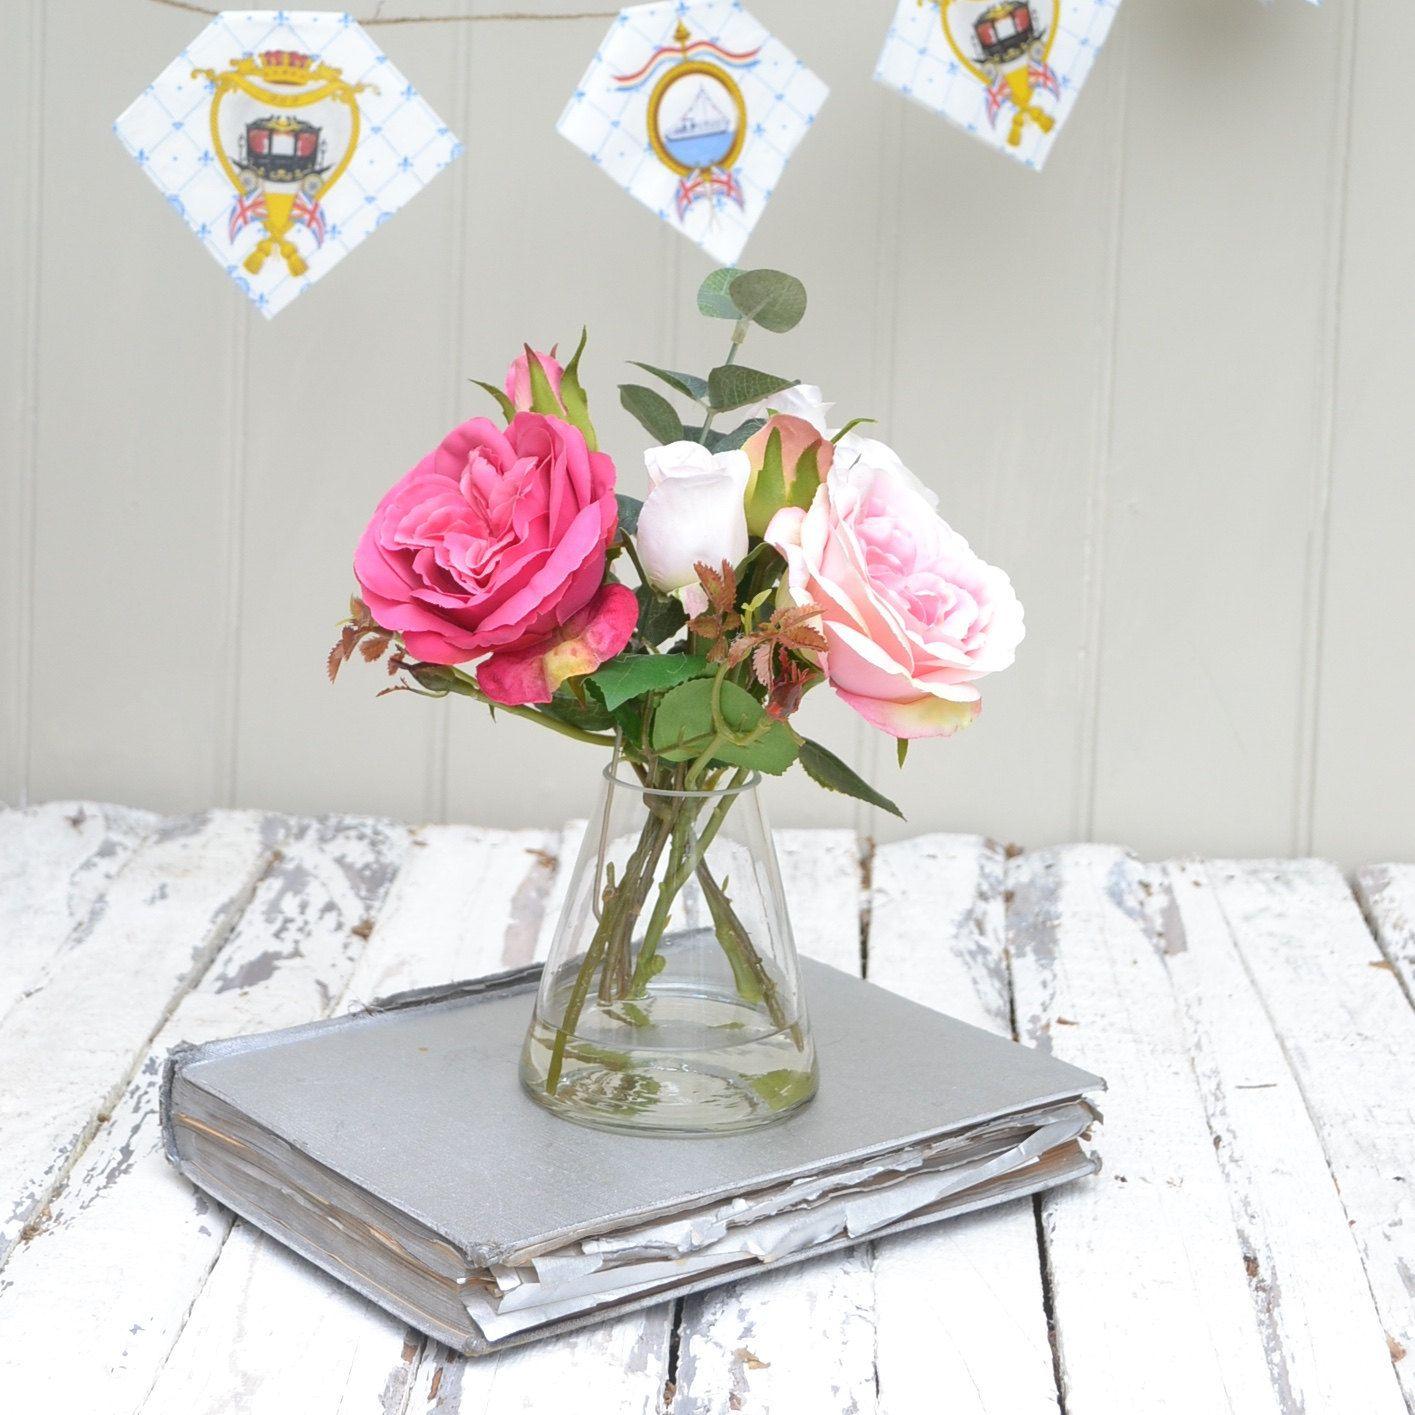 Silk flower bouquet artificial flower bouquet rose bouquet silk flower bouquet artificial flower bouquet rose bouquet pink roses glass vase reviewsmspy